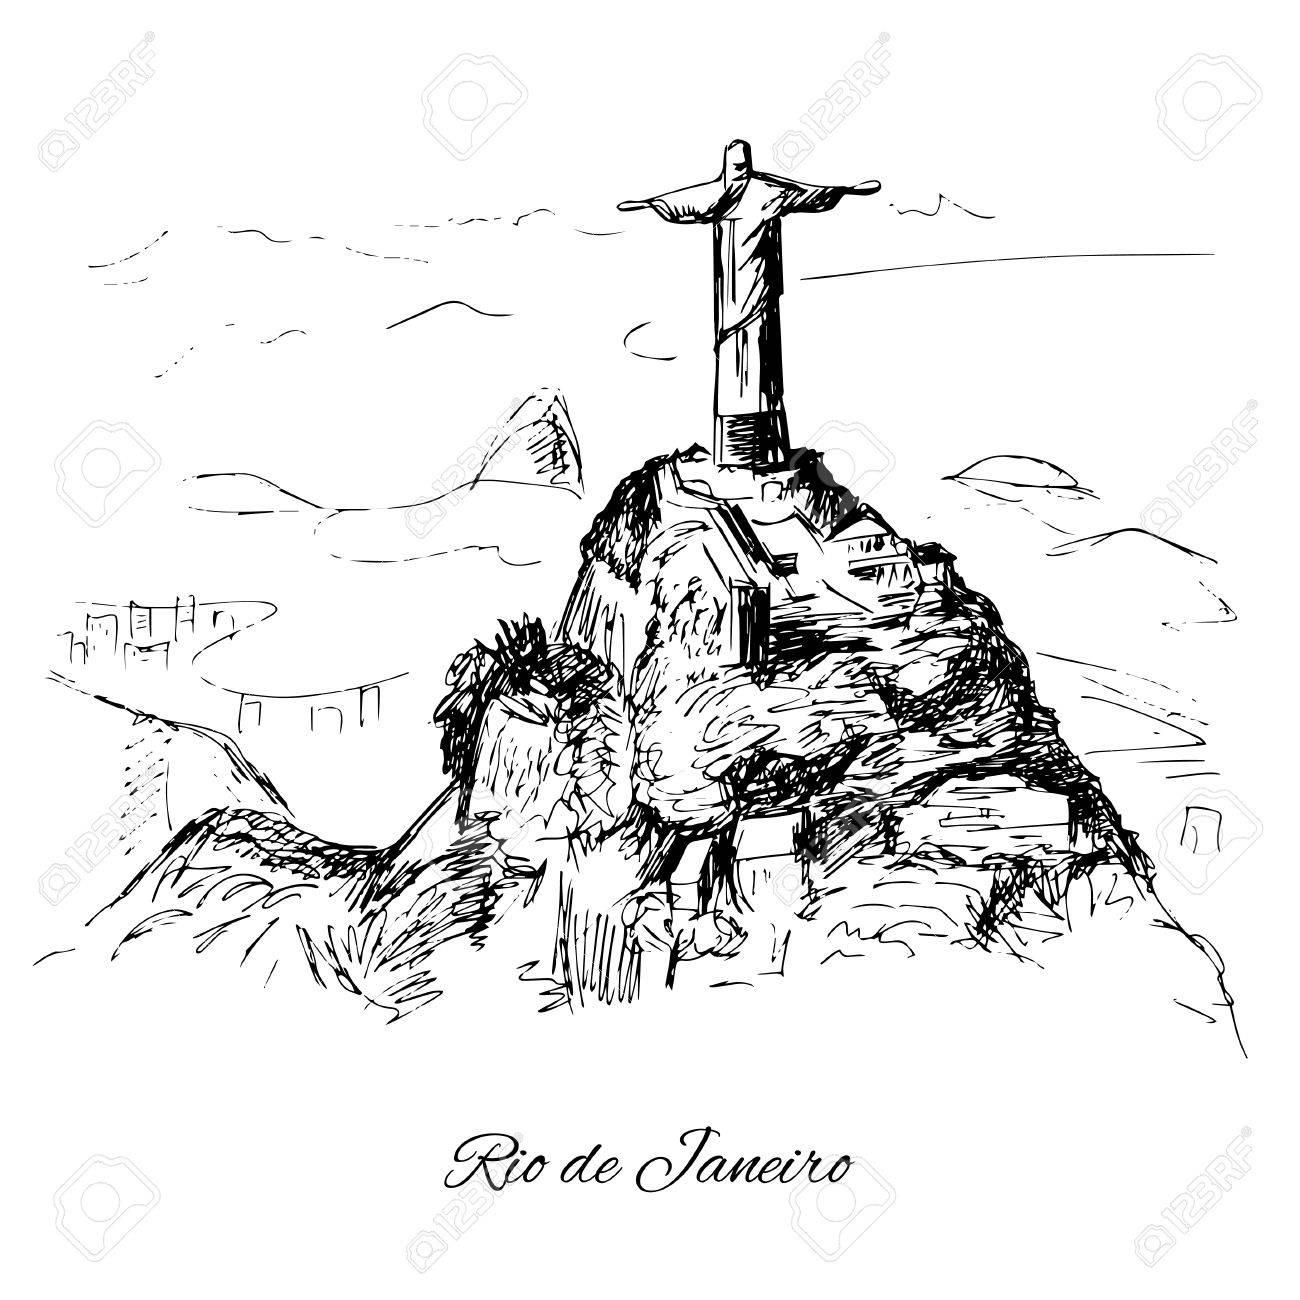 Hand drawn Rio de Janeiro coast.